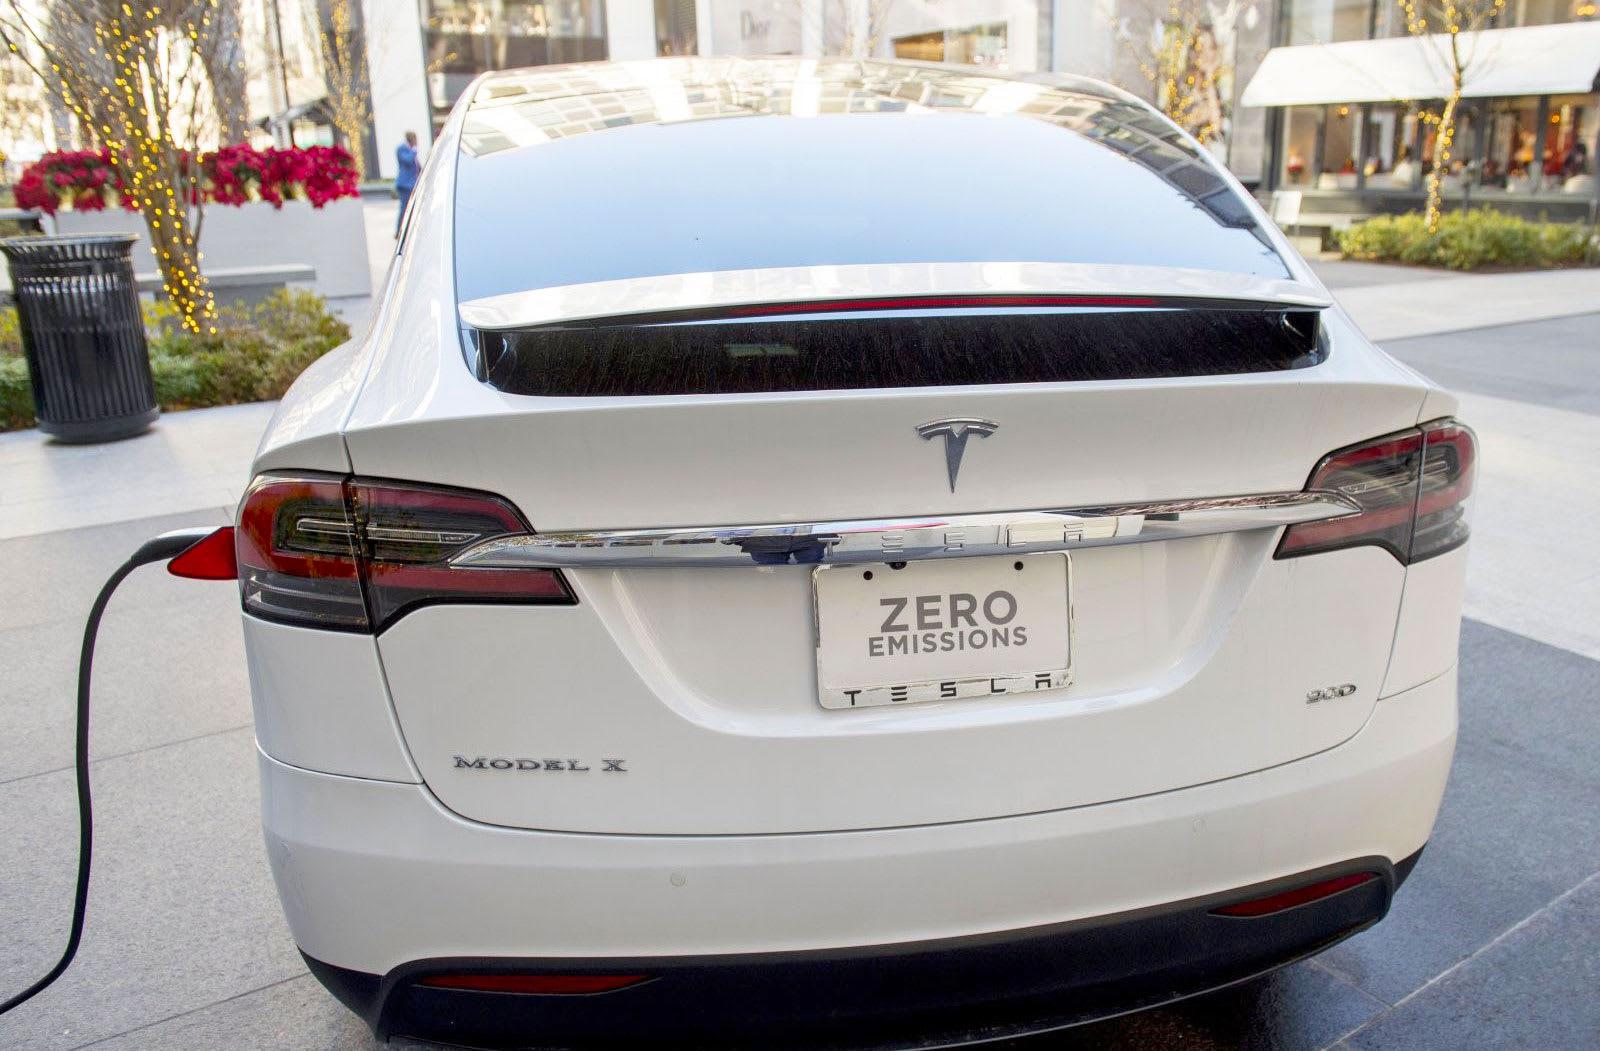 Tesla S Latest 100d Models Focus On Range Not Power